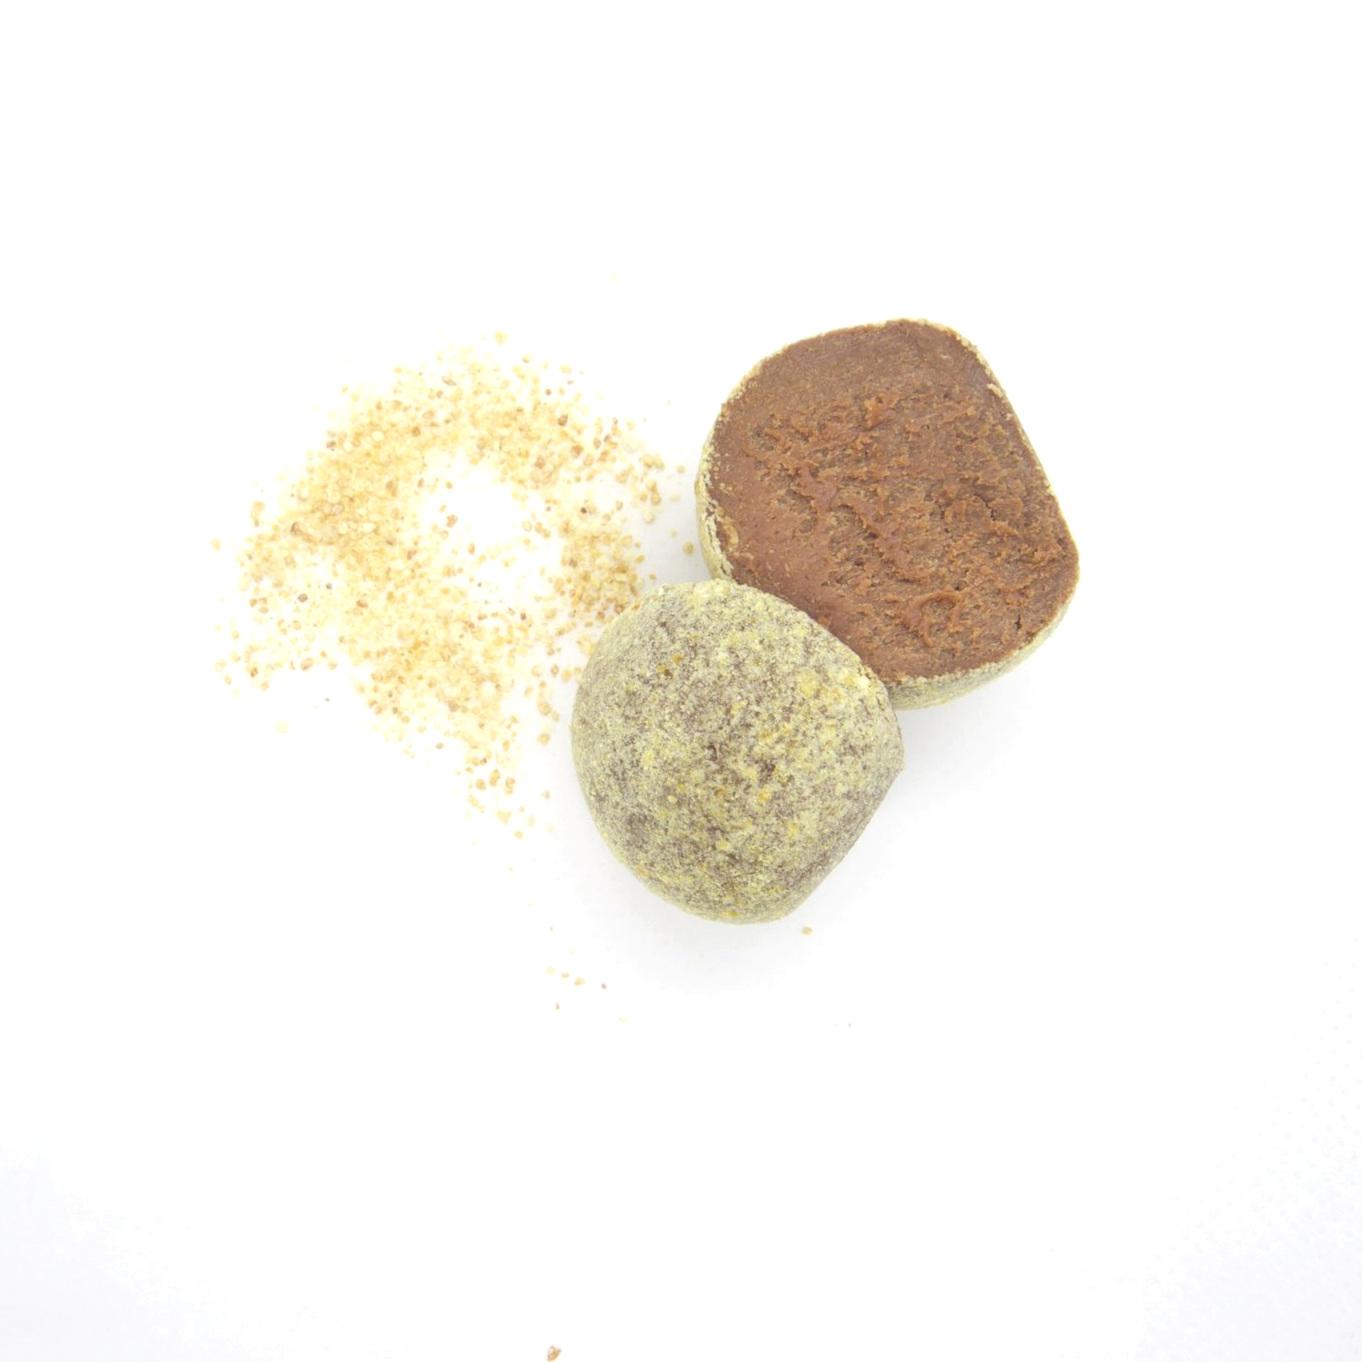 RAW VEGAN TRYFFEL - APELSIN 40x15g   Ingredienser:   CASHEWNÖTTER*, agave sirap*, kakaosmör*, kakaopulver*, torkad apelsin*, Bourbon vanilj*, pink Himalaya salt *= ekologisk produkt (kan innehålla spår av mandel & hasselnötter)  Näringsvärde (100g):   Energi (kj/kcal) 1961/468 Fett 30,5g varav mättad 10,17g Kolhydrater 48,8g varav sockerarter 32,5g Fibrer 4,49g Protein 7g Salt 0,14g